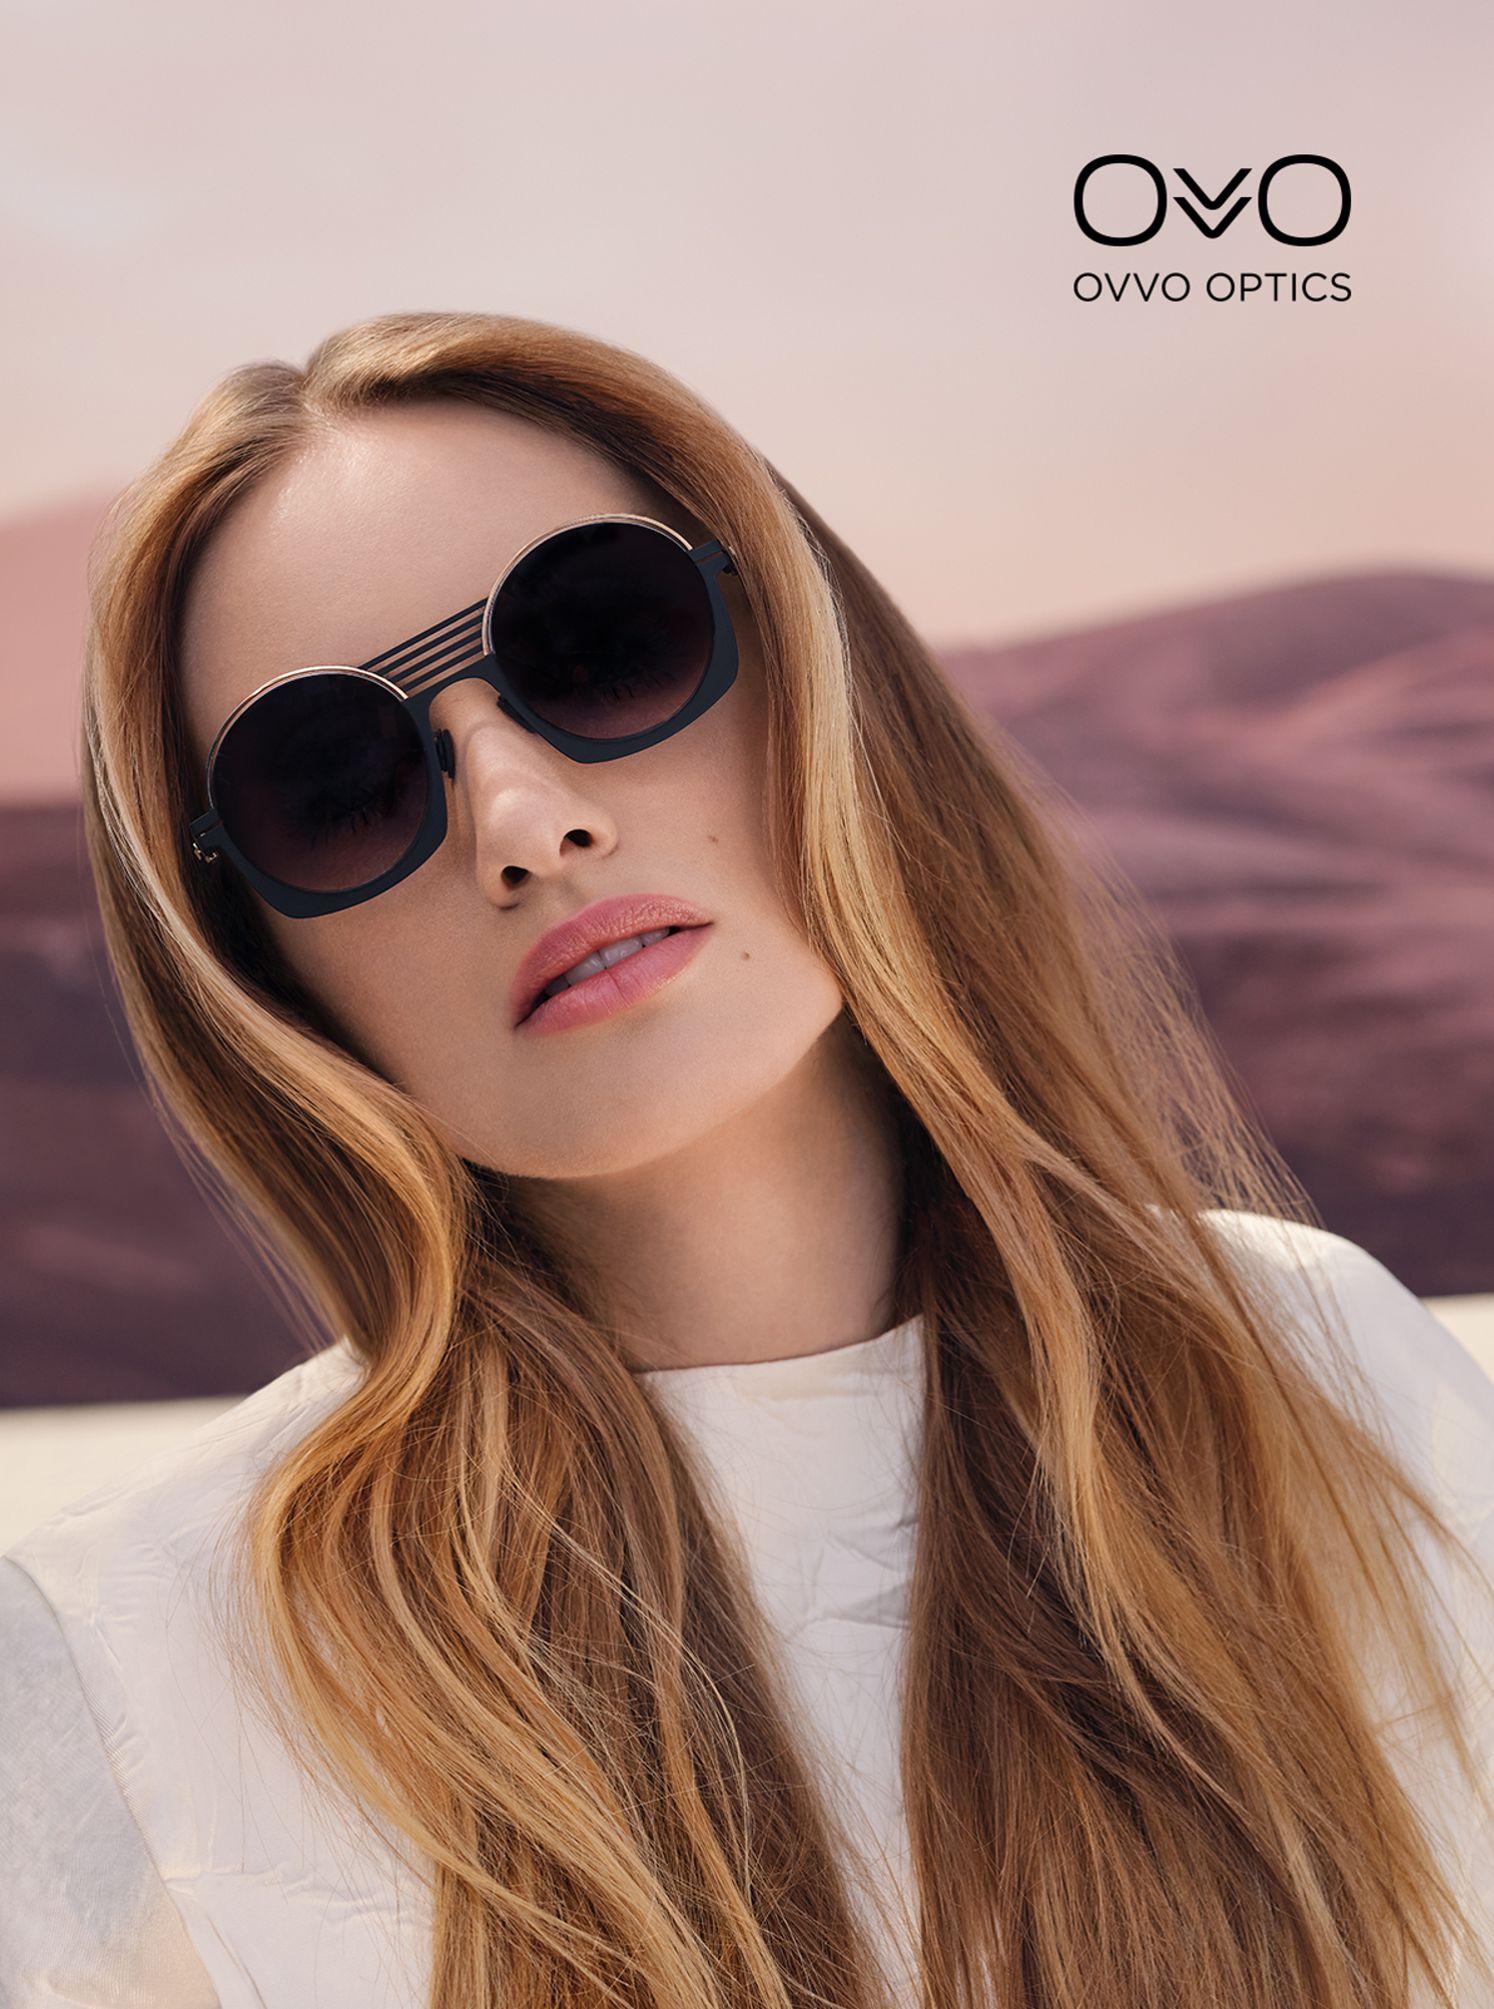 OVVO Optics Eyewear